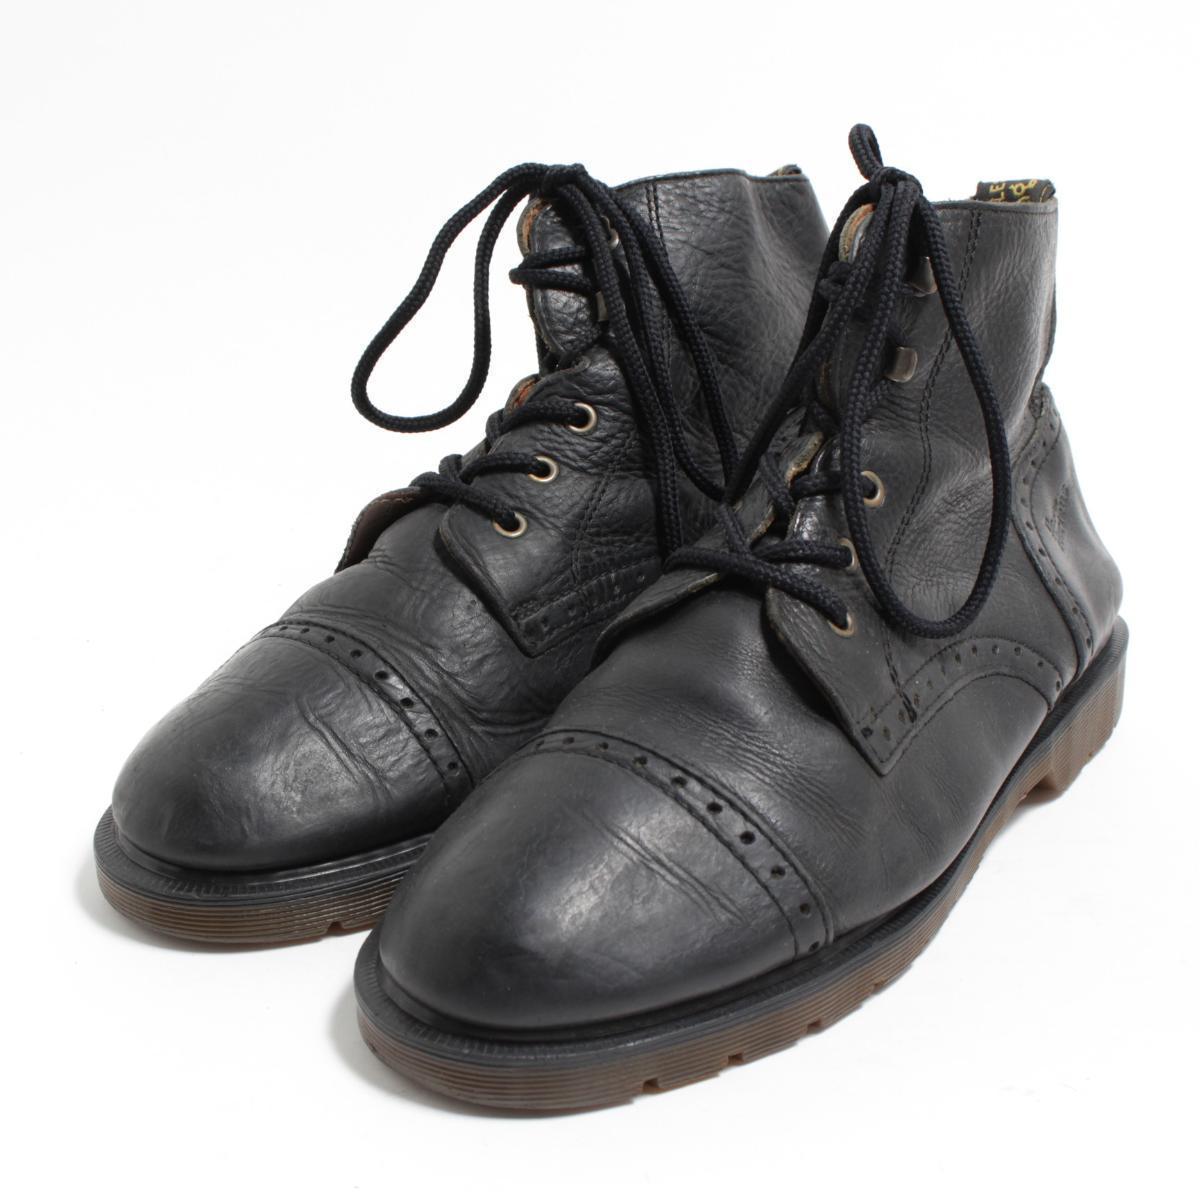 ドクターマーチン Dr.Martens 5ホールブーツ 英国製 UK11 メンズ29.5cm /bon0211 【中古】【古着屋JAM】 【180619】